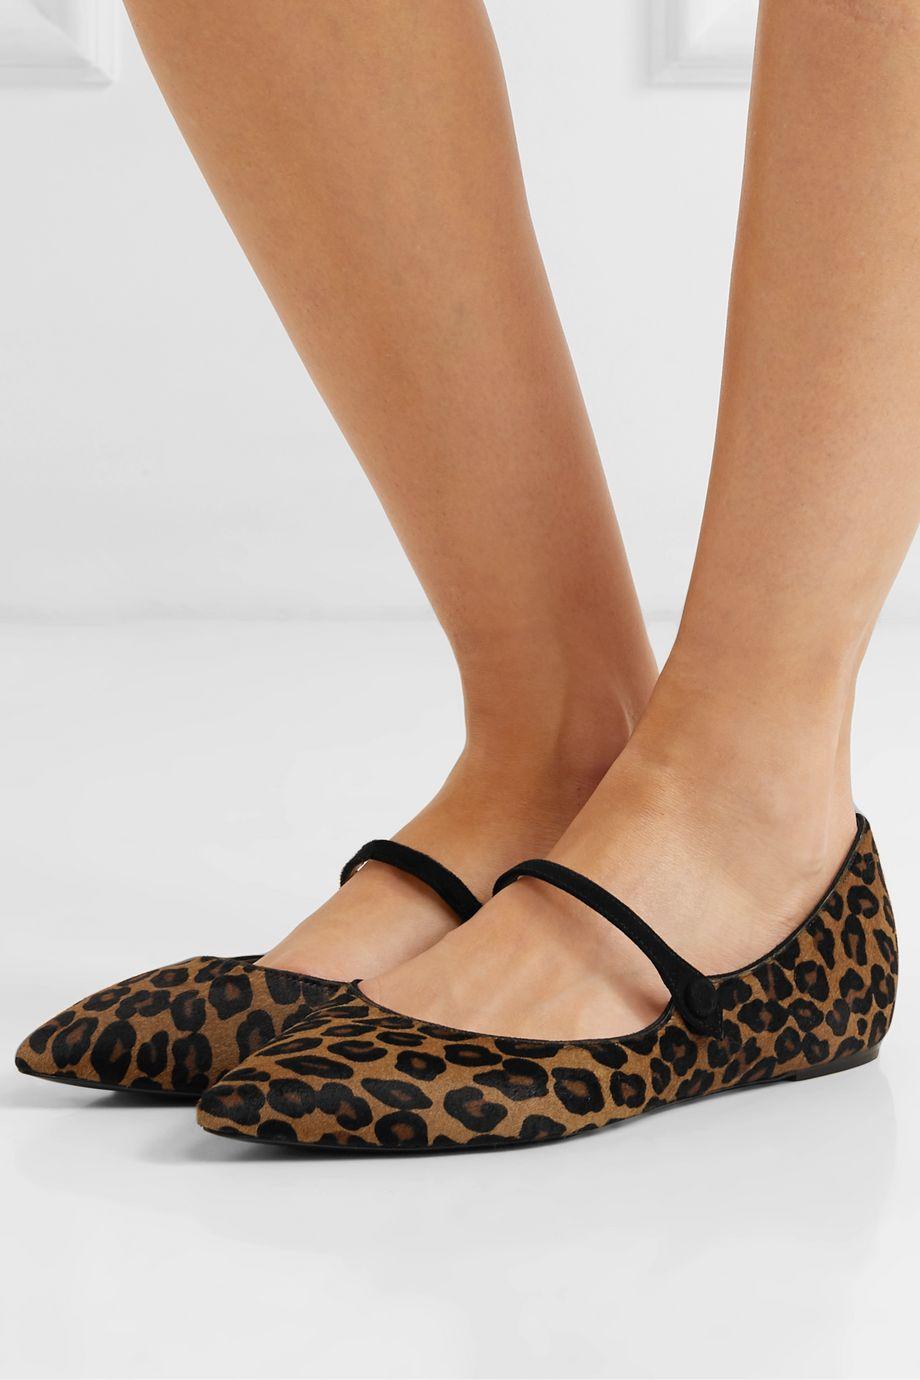 Tabitha Simmons Hermione calf hair point-toe flats